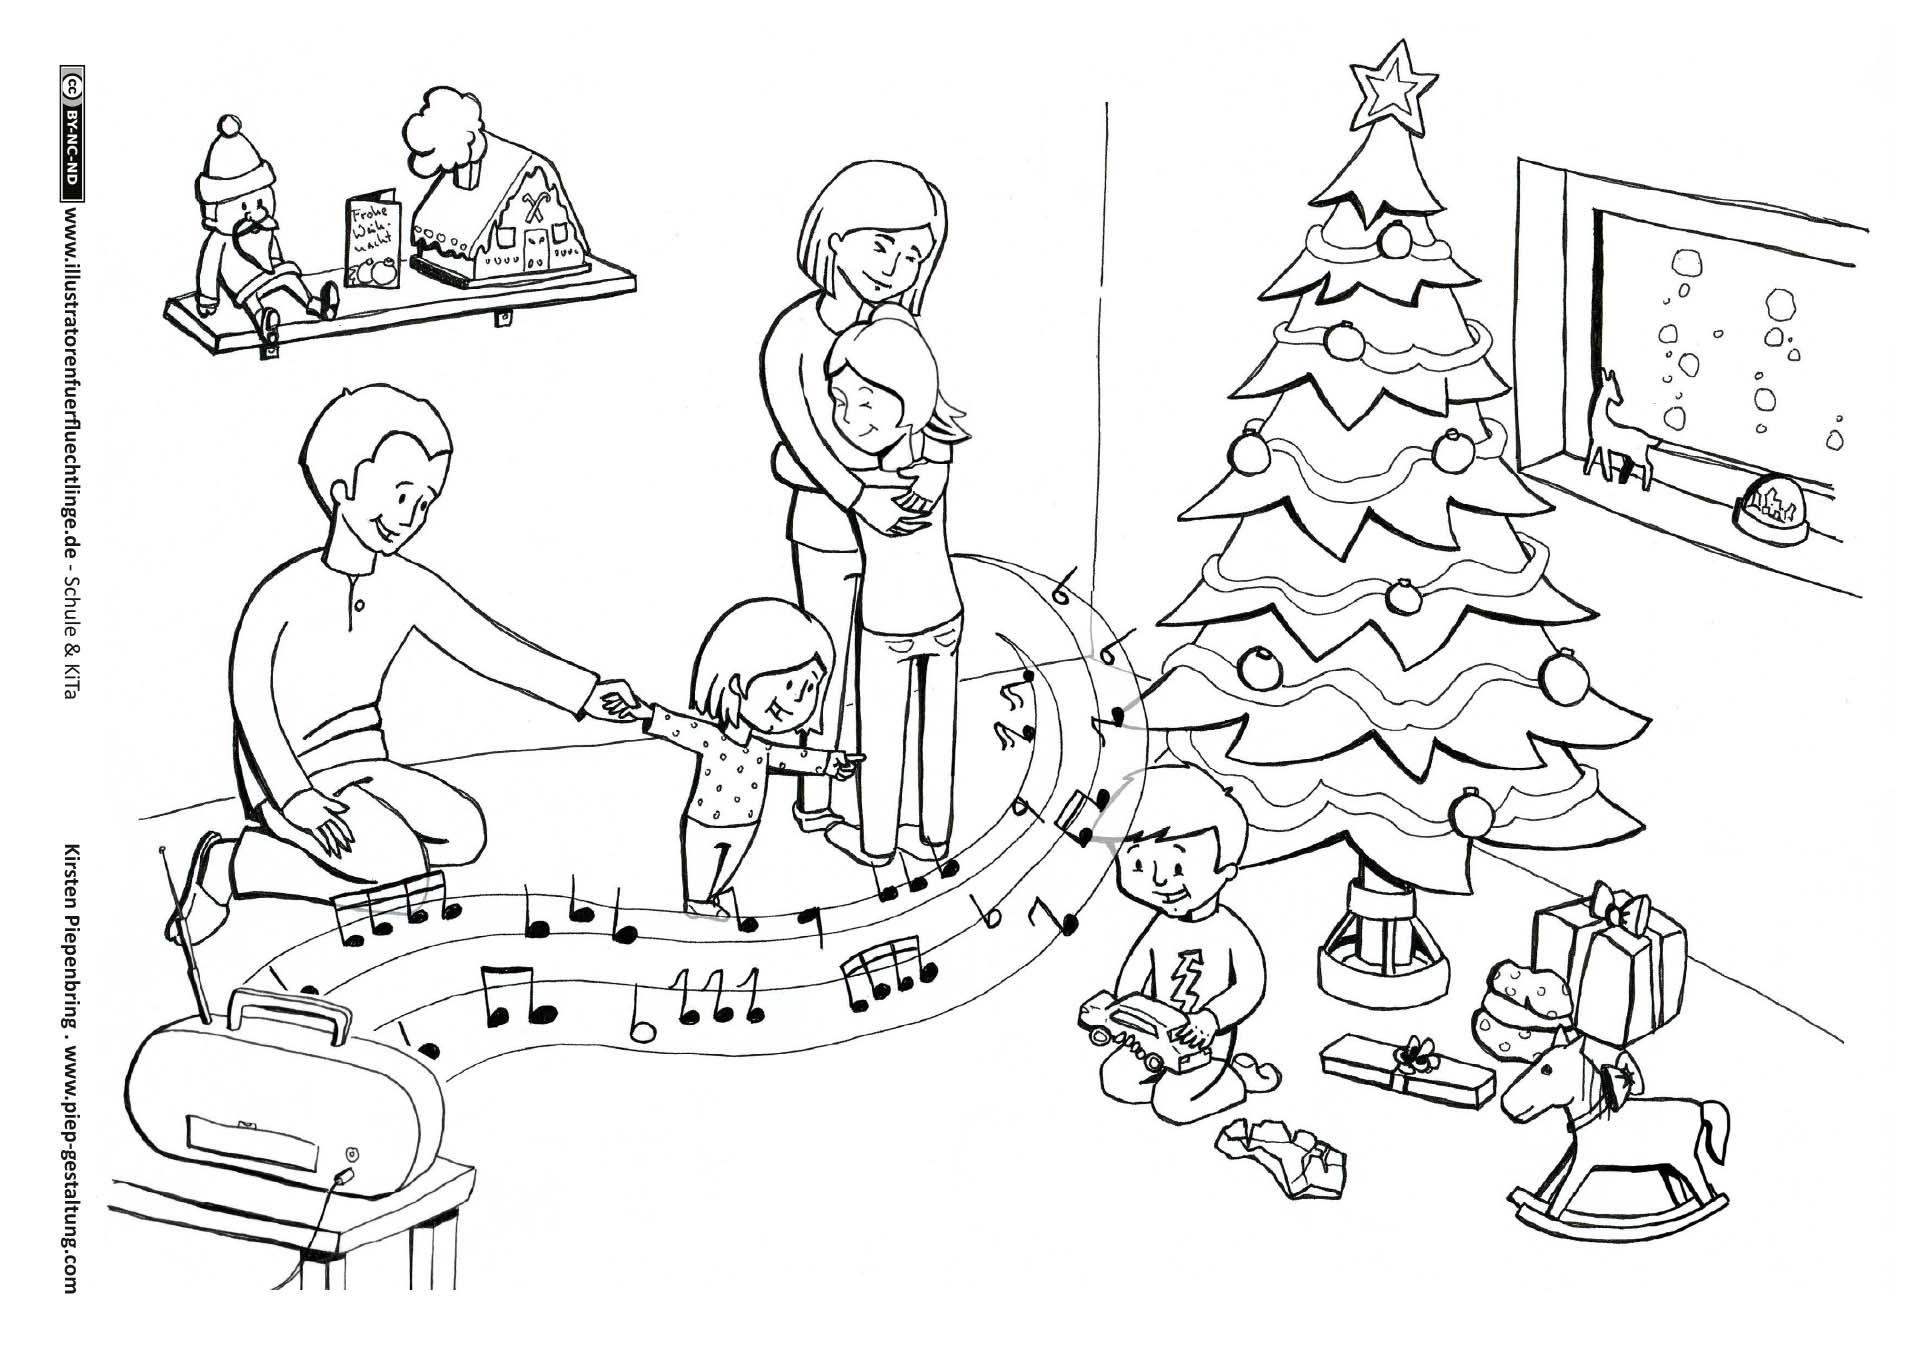 Weihnachten Heiligabend  Weihnachten, Heiligabend, Kinder